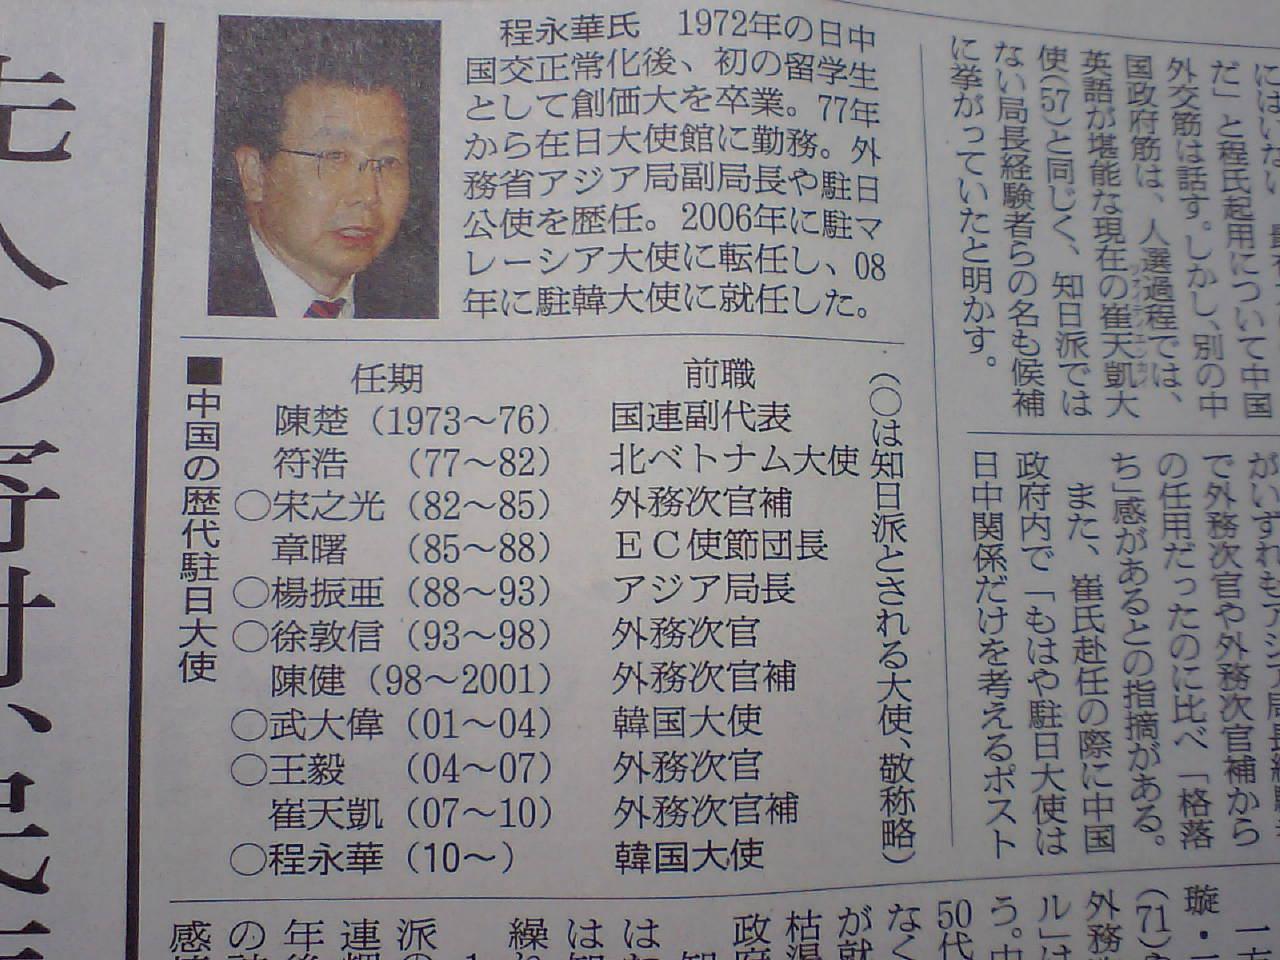 歴代中国大使_d0027795_2253097.jpg